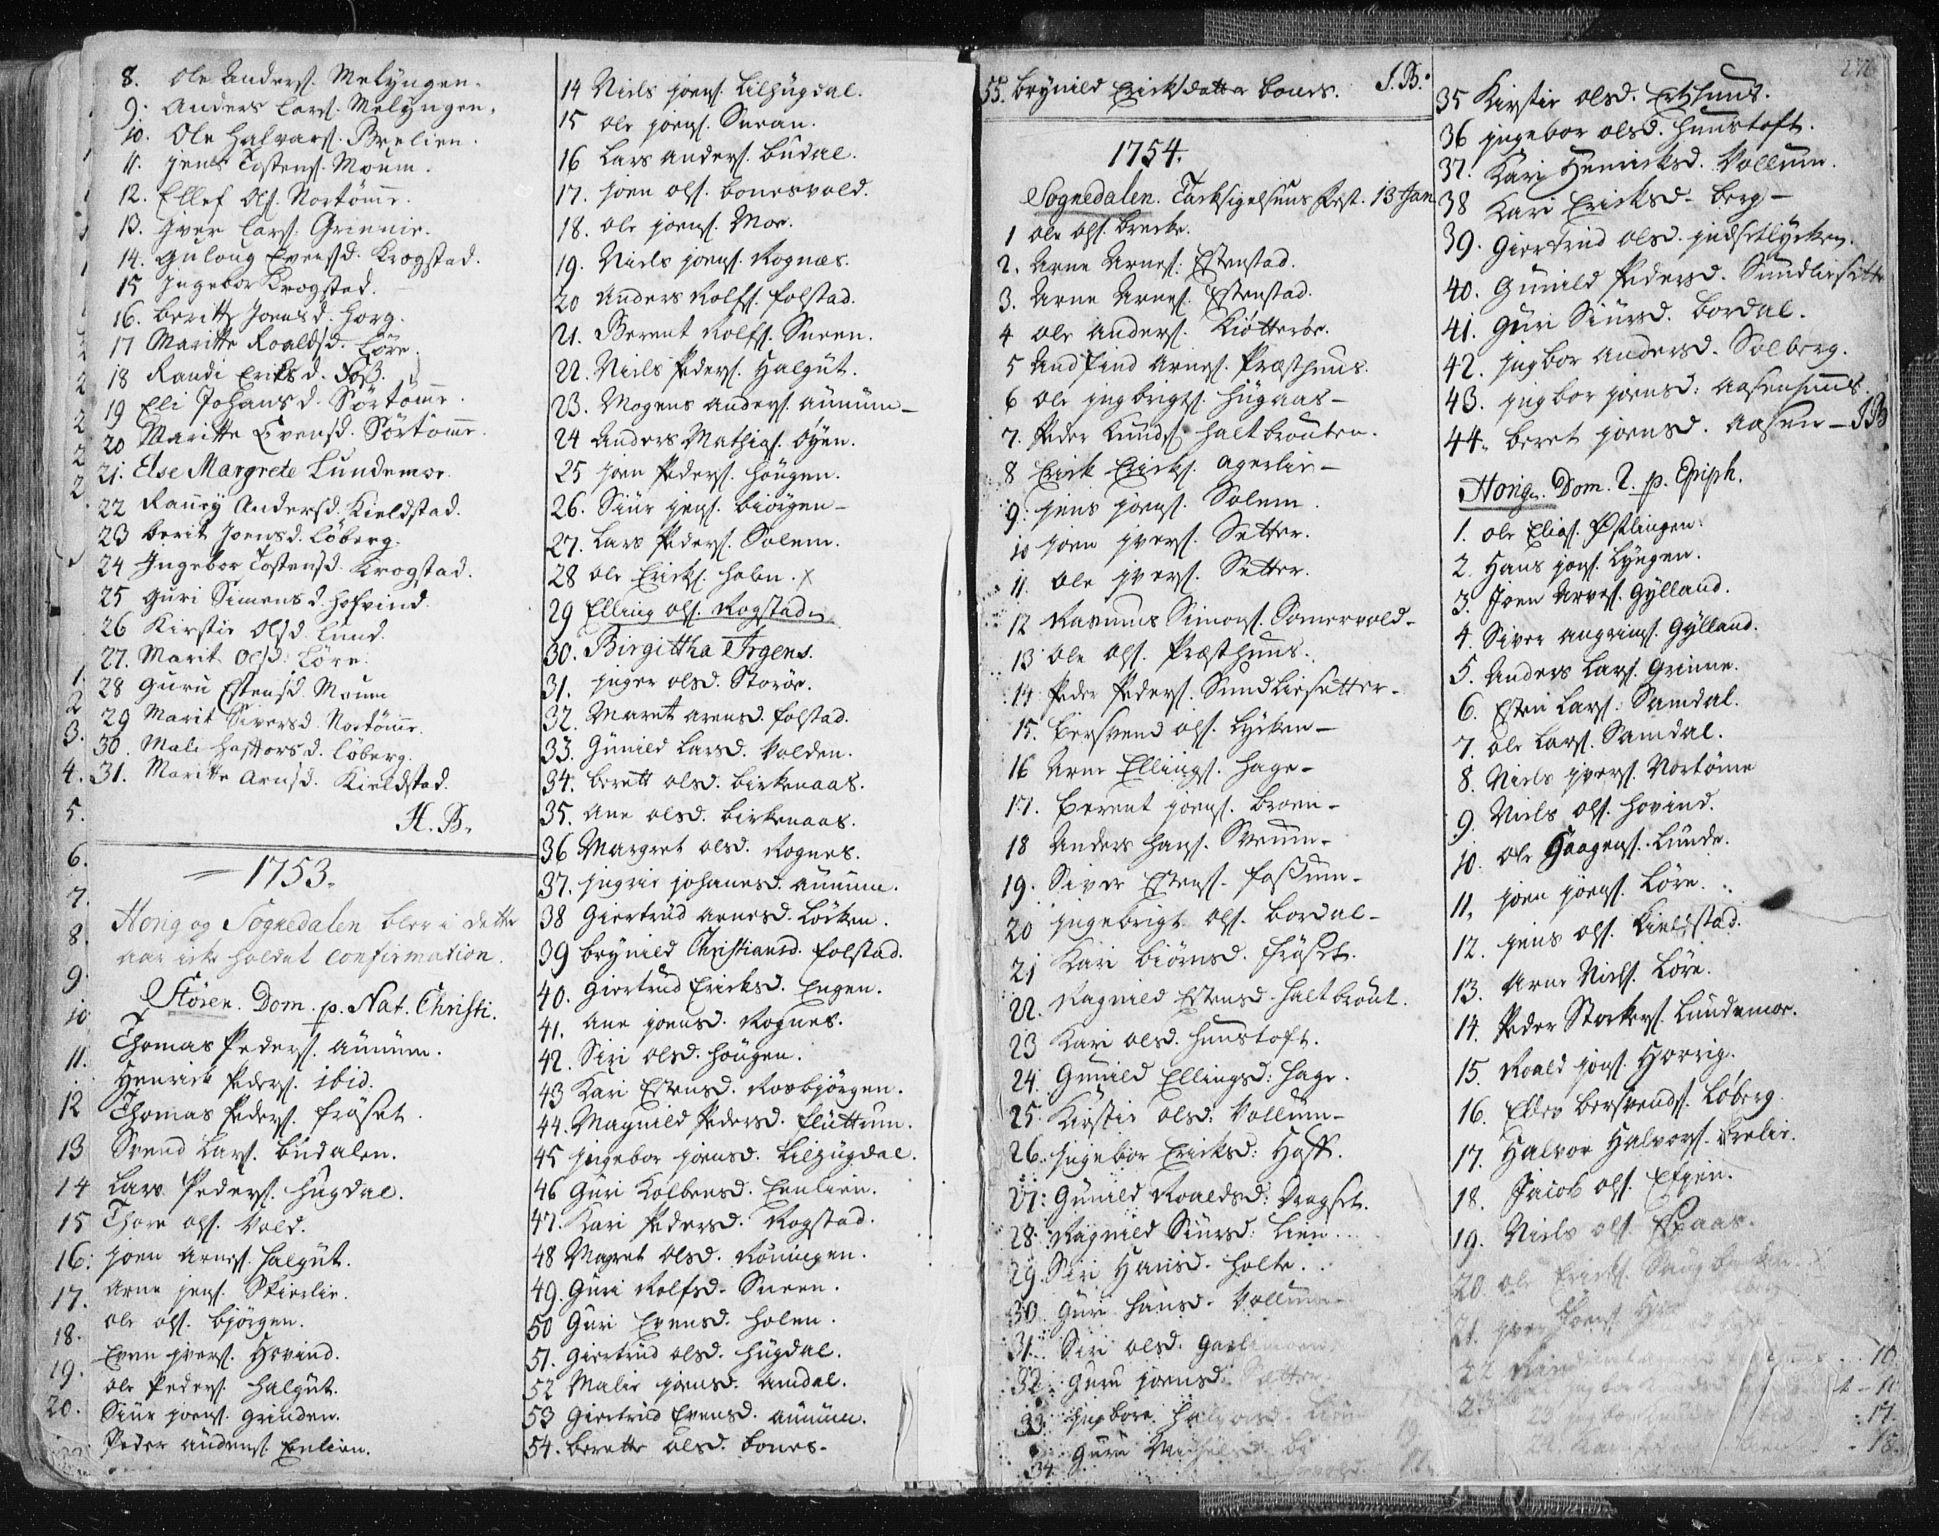 SAT, Ministerialprotokoller, klokkerbøker og fødselsregistre - Sør-Trøndelag, 687/L0991: Ministerialbok nr. 687A02, 1747-1790, s. 276